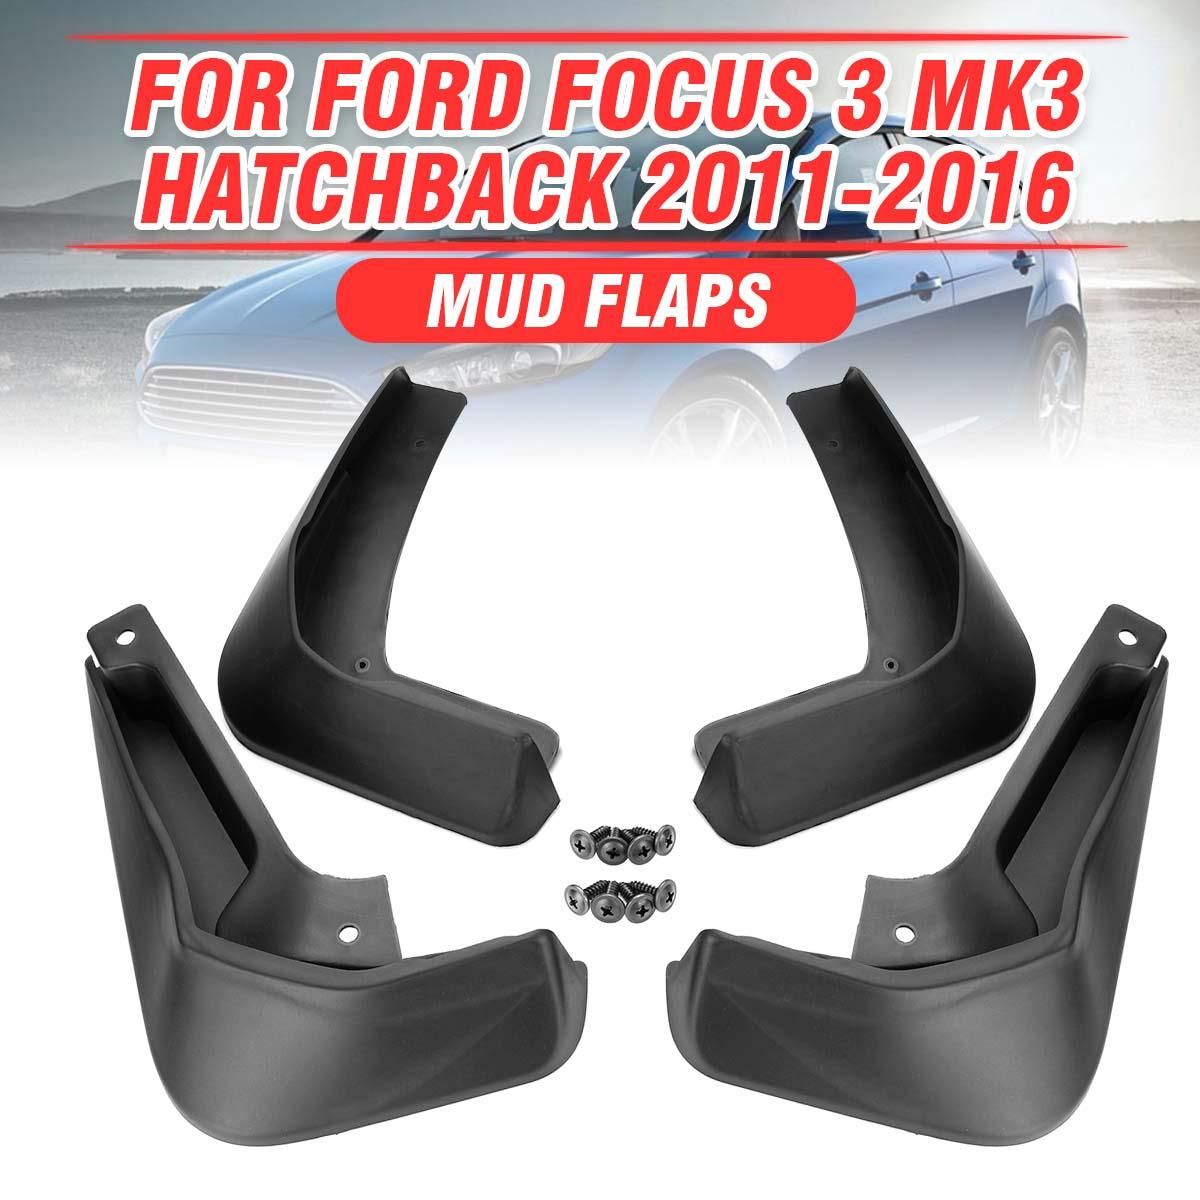 車の泥フラップ Mudflaps スプラッシュガードフェンダーフォード/フォーカス 3 MK3 ハッチバック 2011-2018